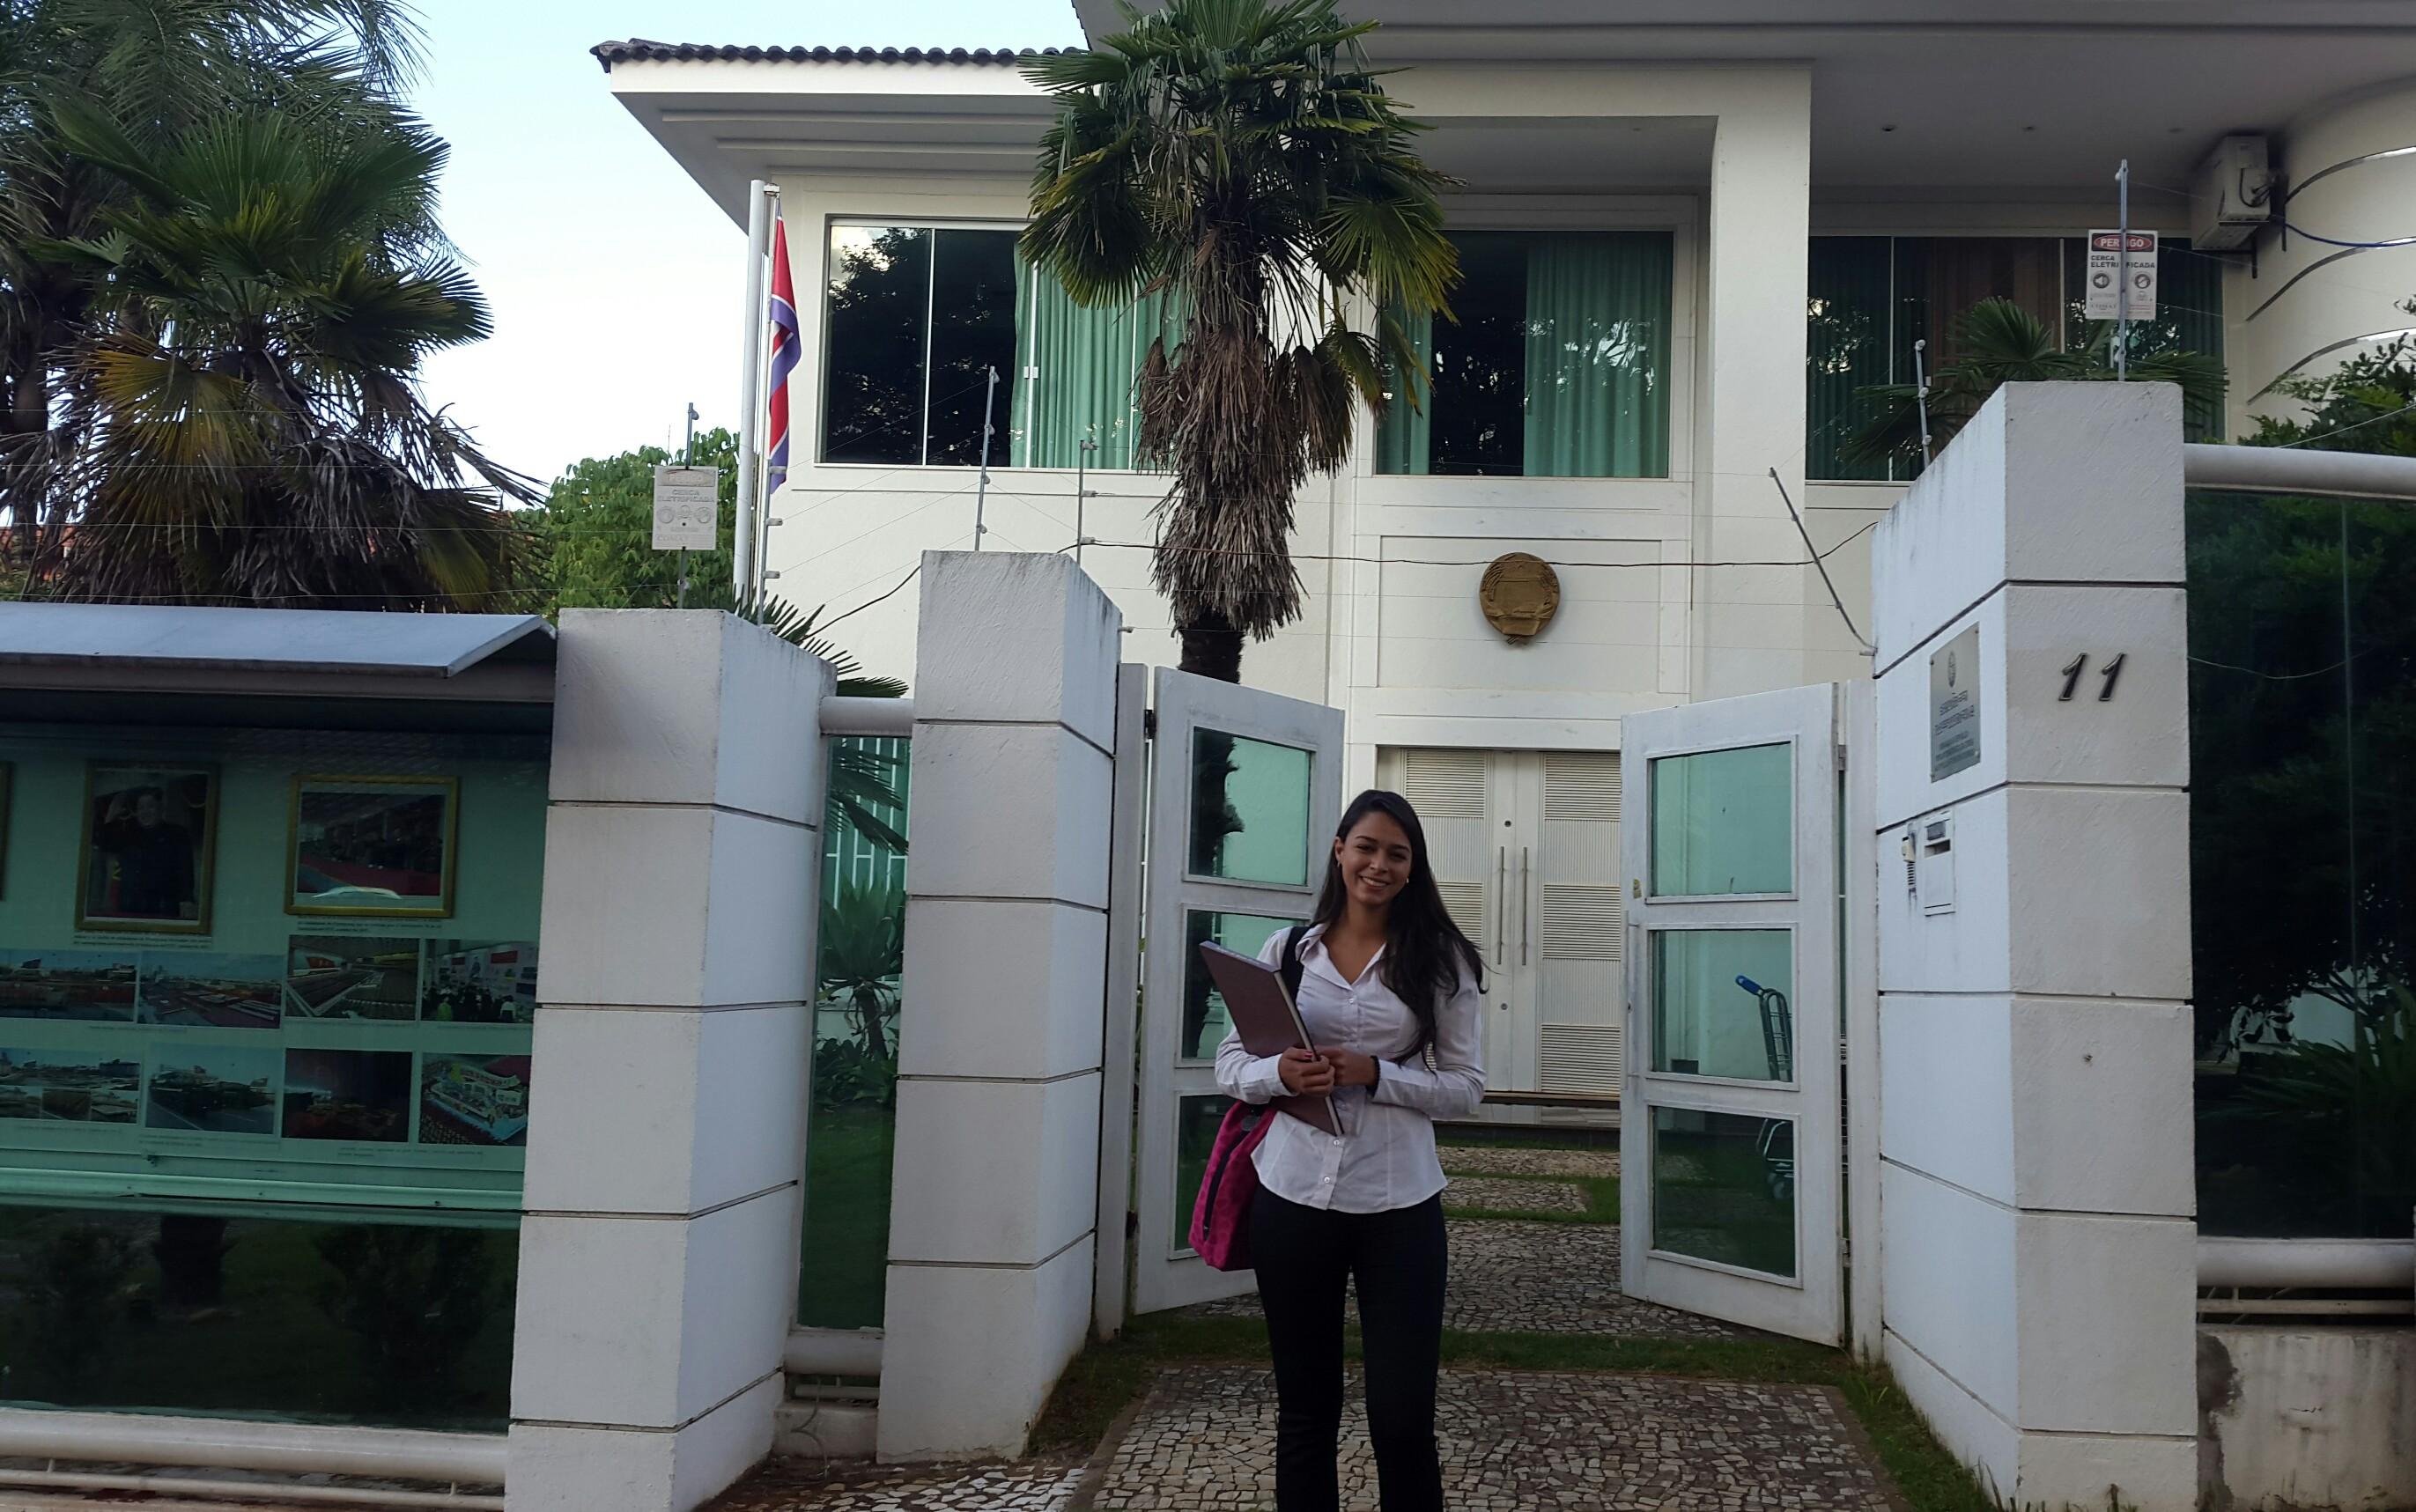 Embaixada da República Popular Democrática da Coreia (Coreia do Norte)